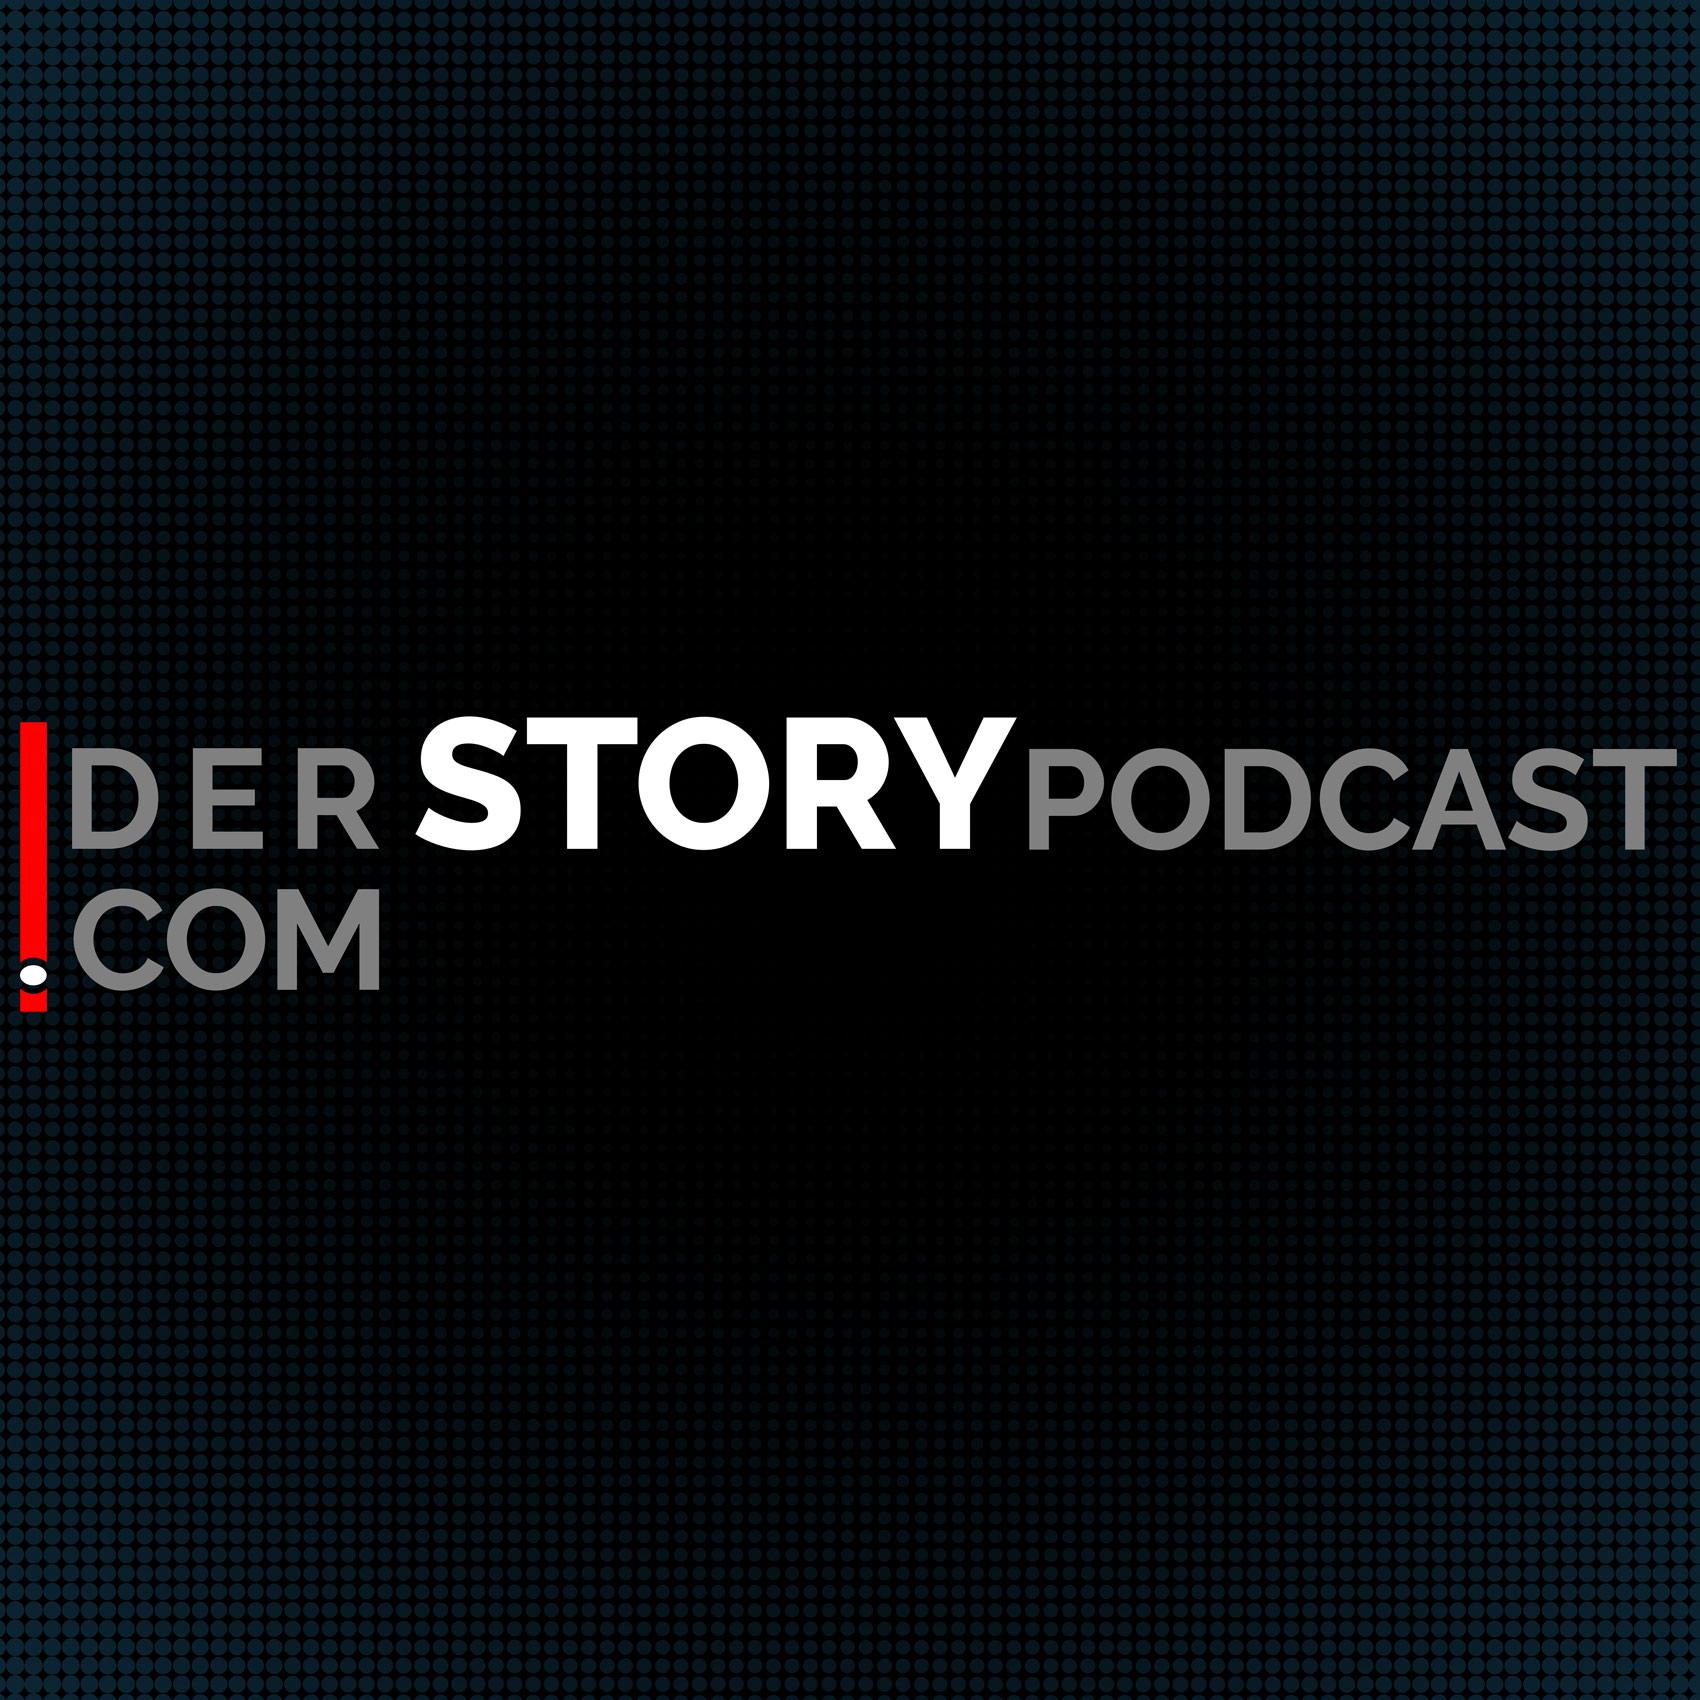 DerStoryPodcast- wahre Geschichten aus dem Leben mit Manuela Degenhardt show art